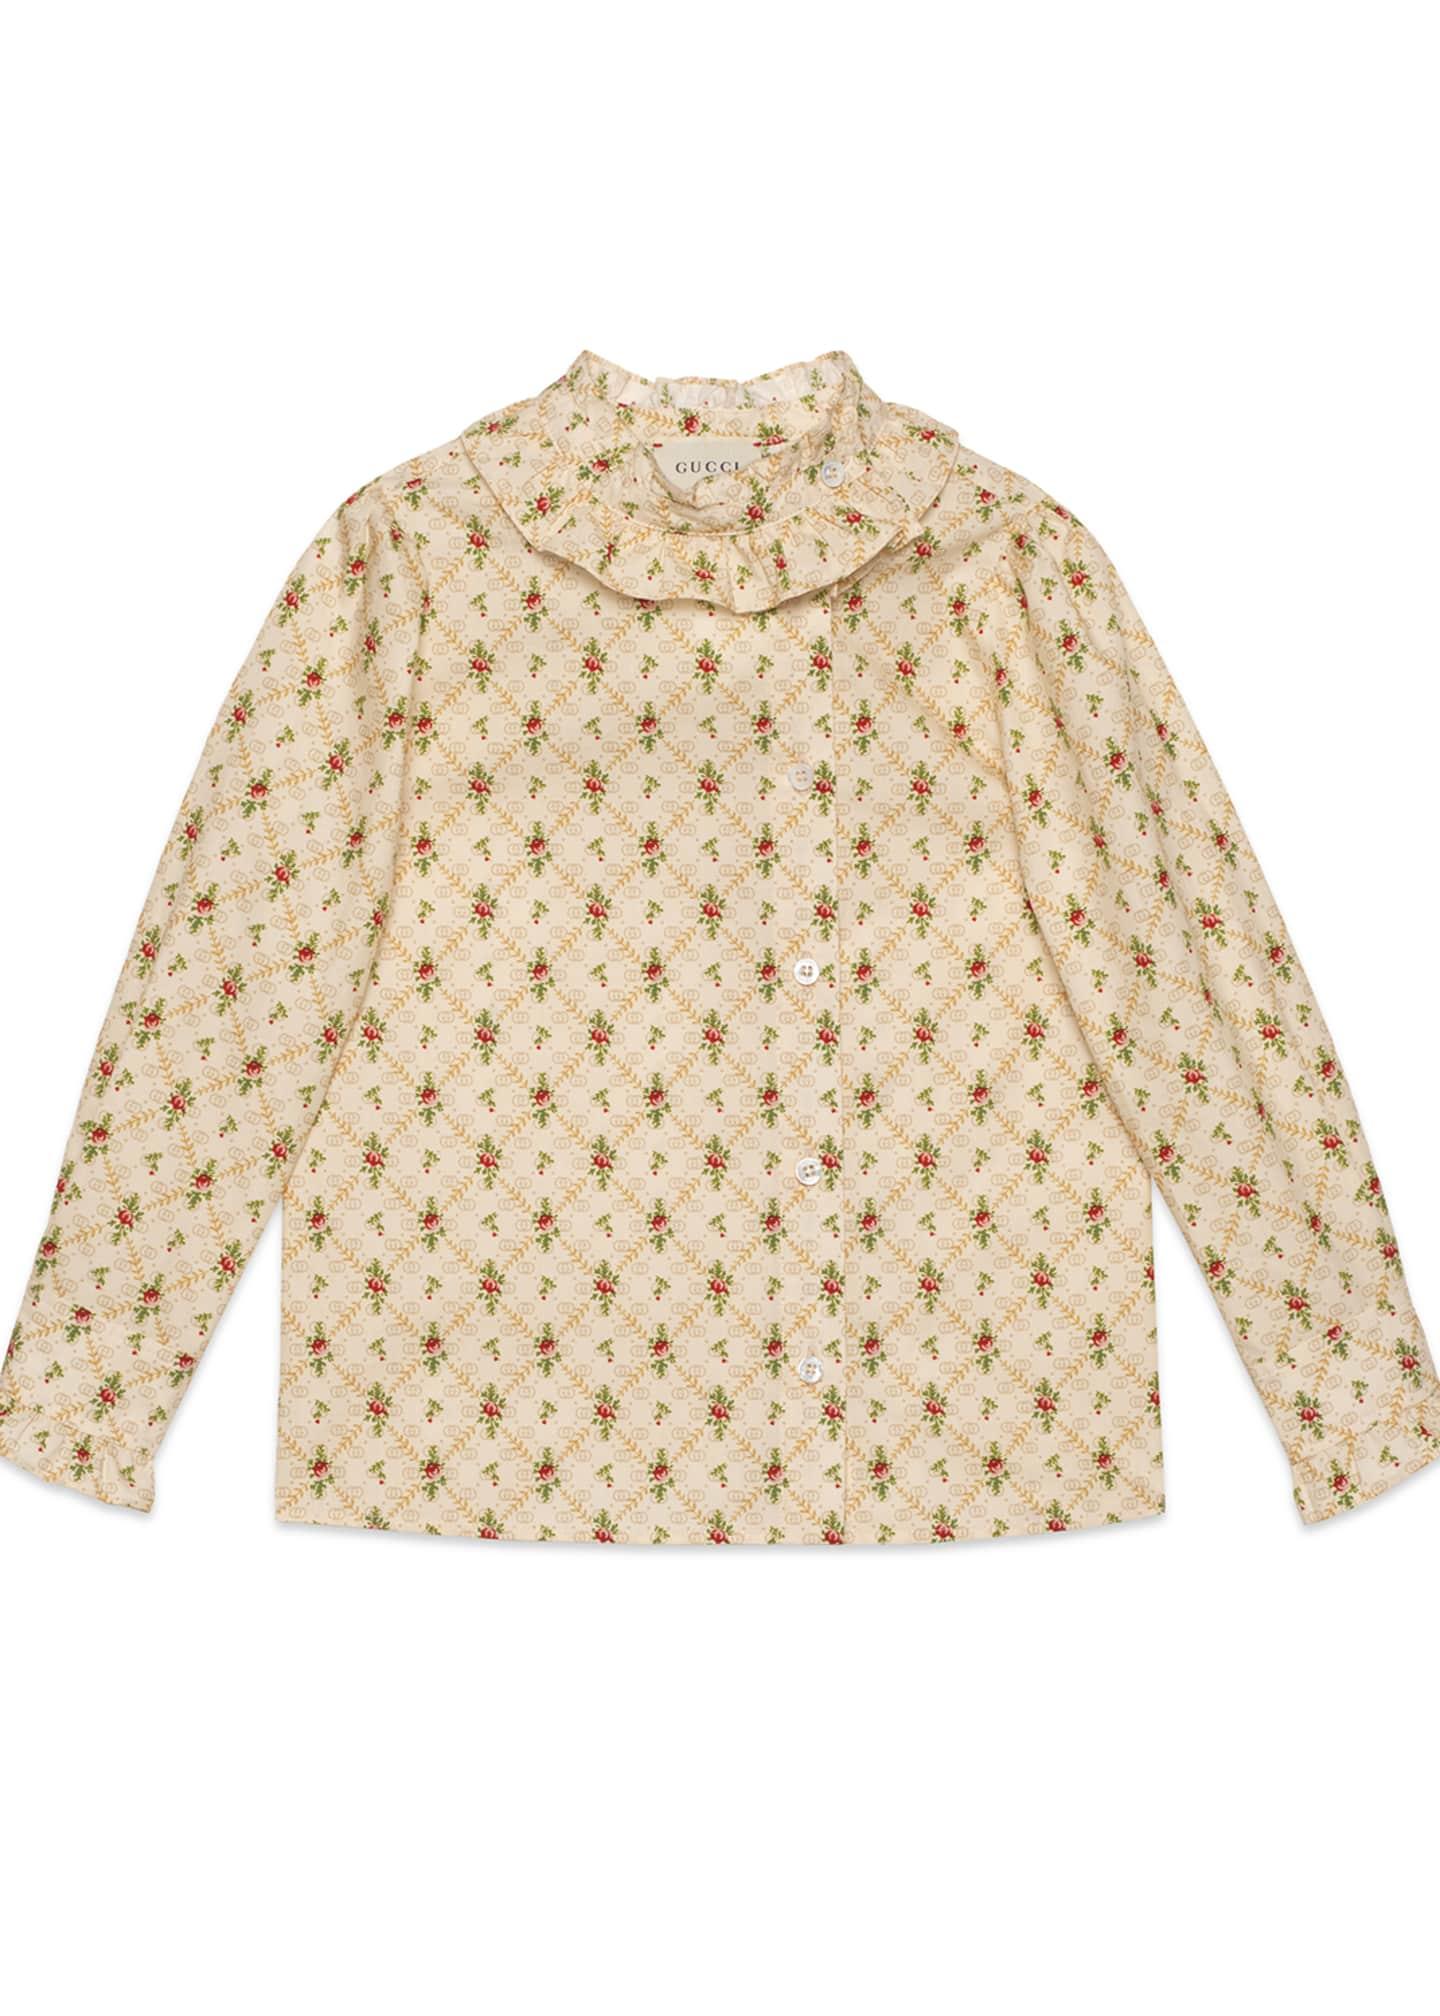 Gucci Girls' Ruffle Collar Blouse, Size 4-12